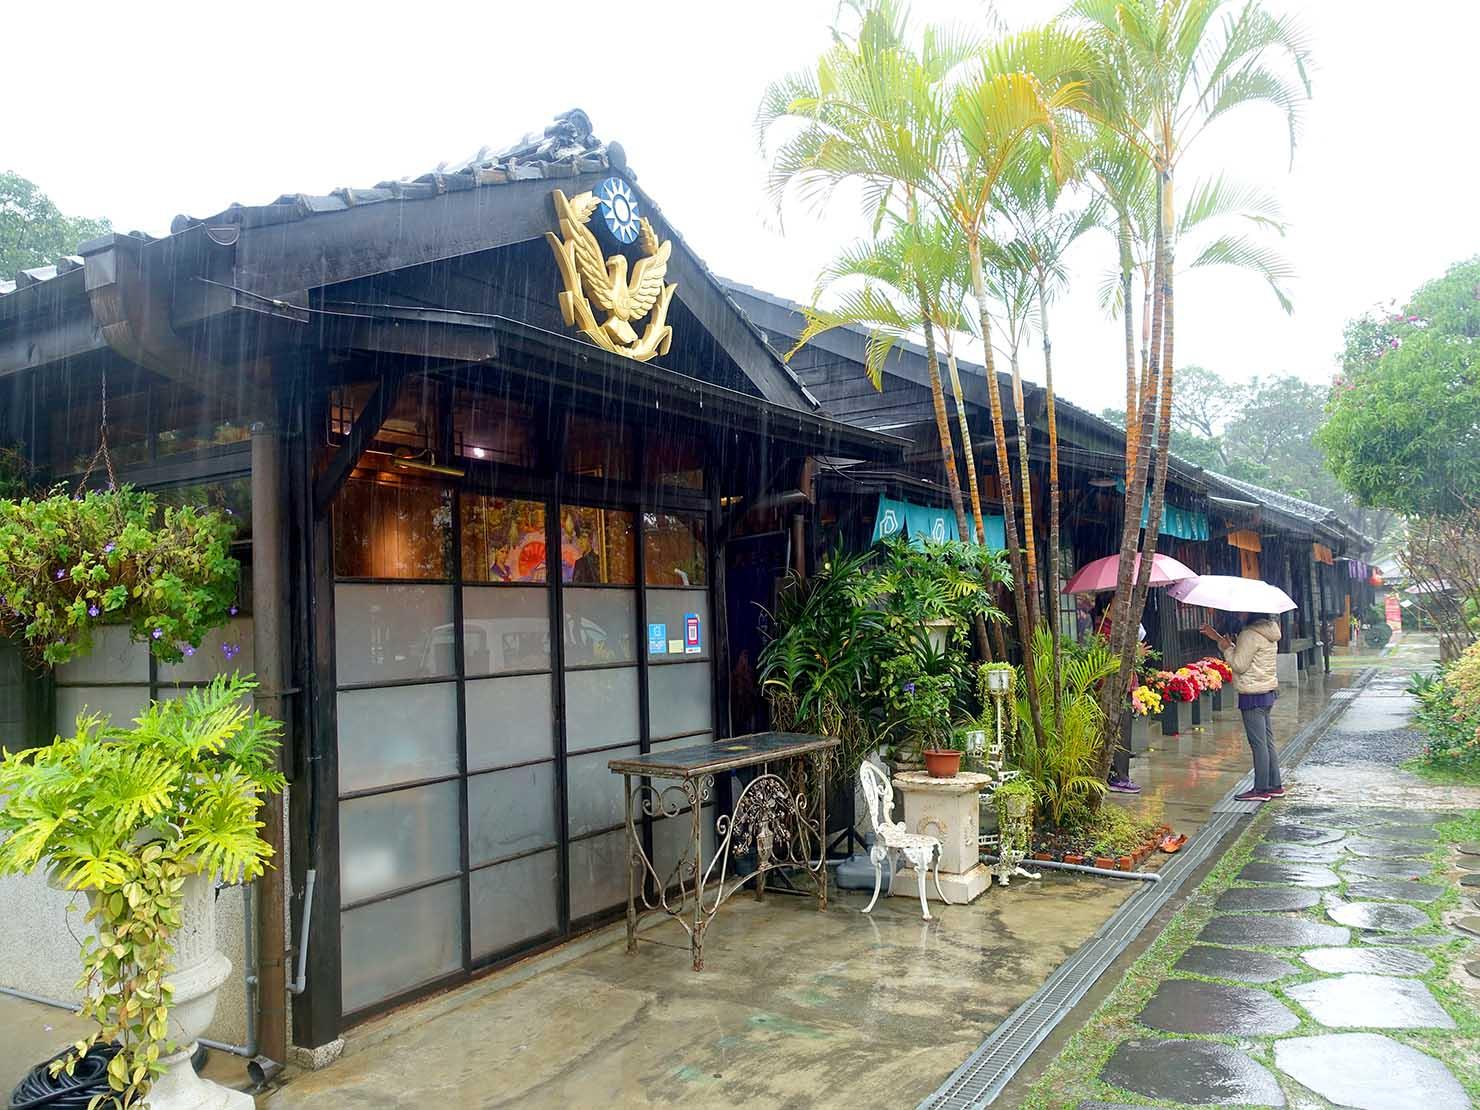 嘉義のおすすめ観光スポット「檜意森活村」に並ぶ日本式家屋